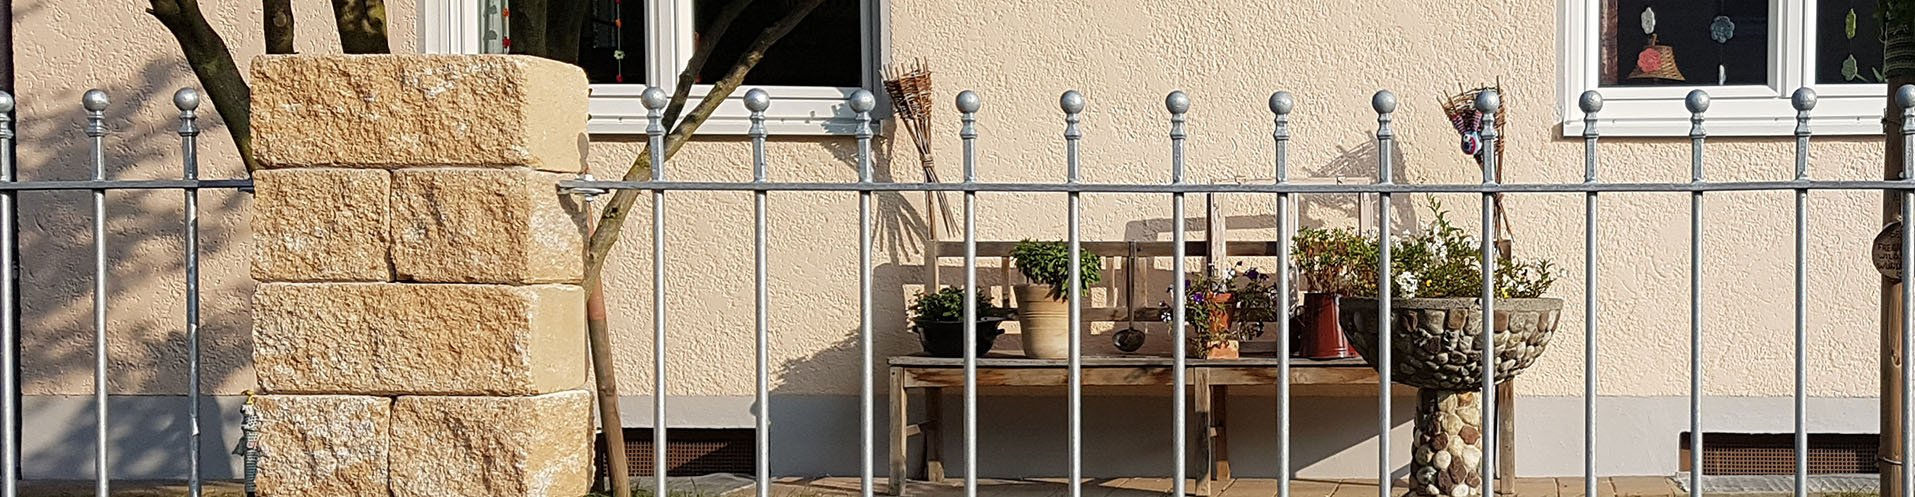 Gartenzäune aus Eisen